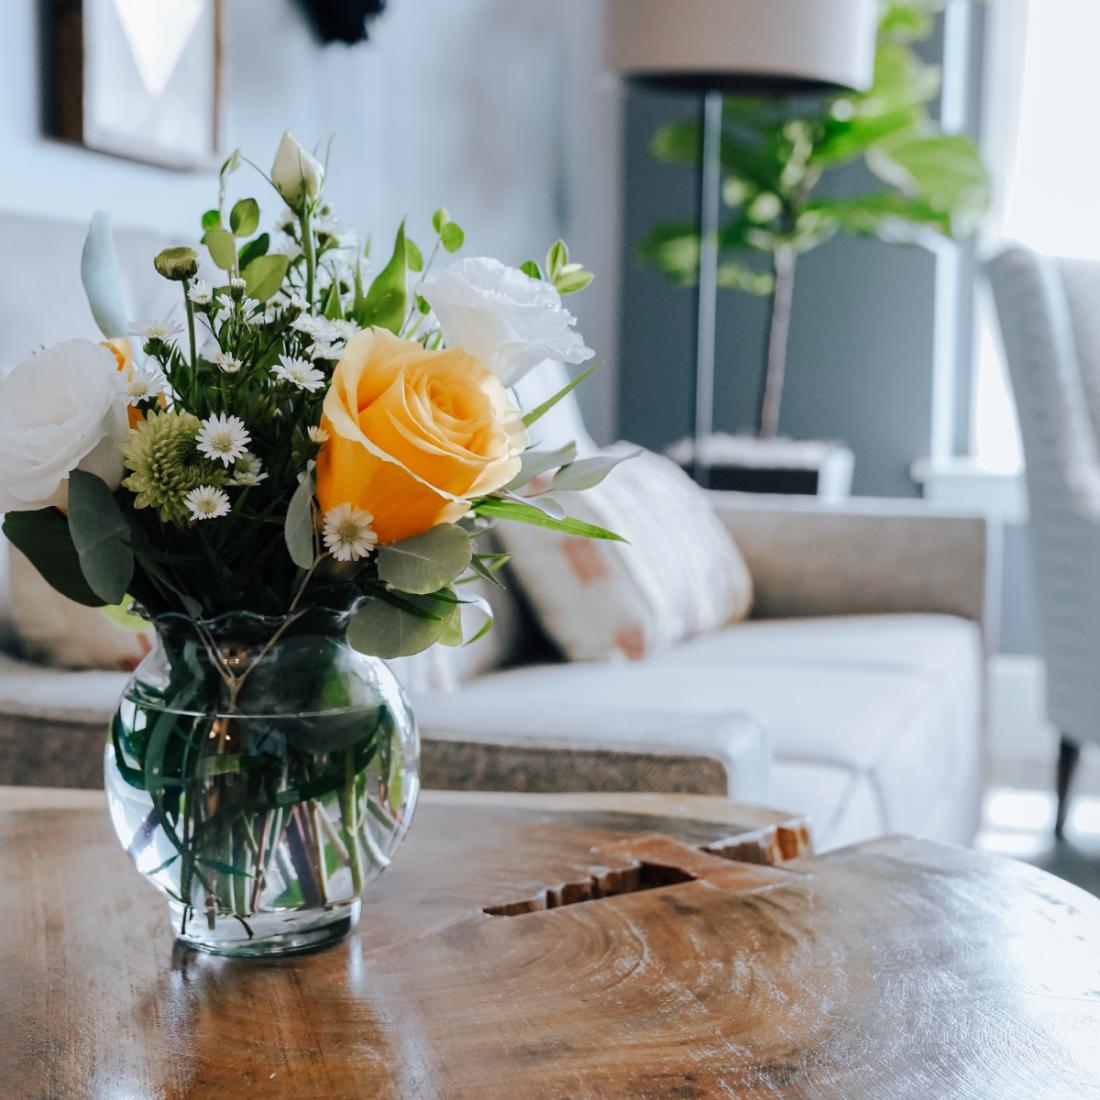 Senior Housing Sitting Room Flowers